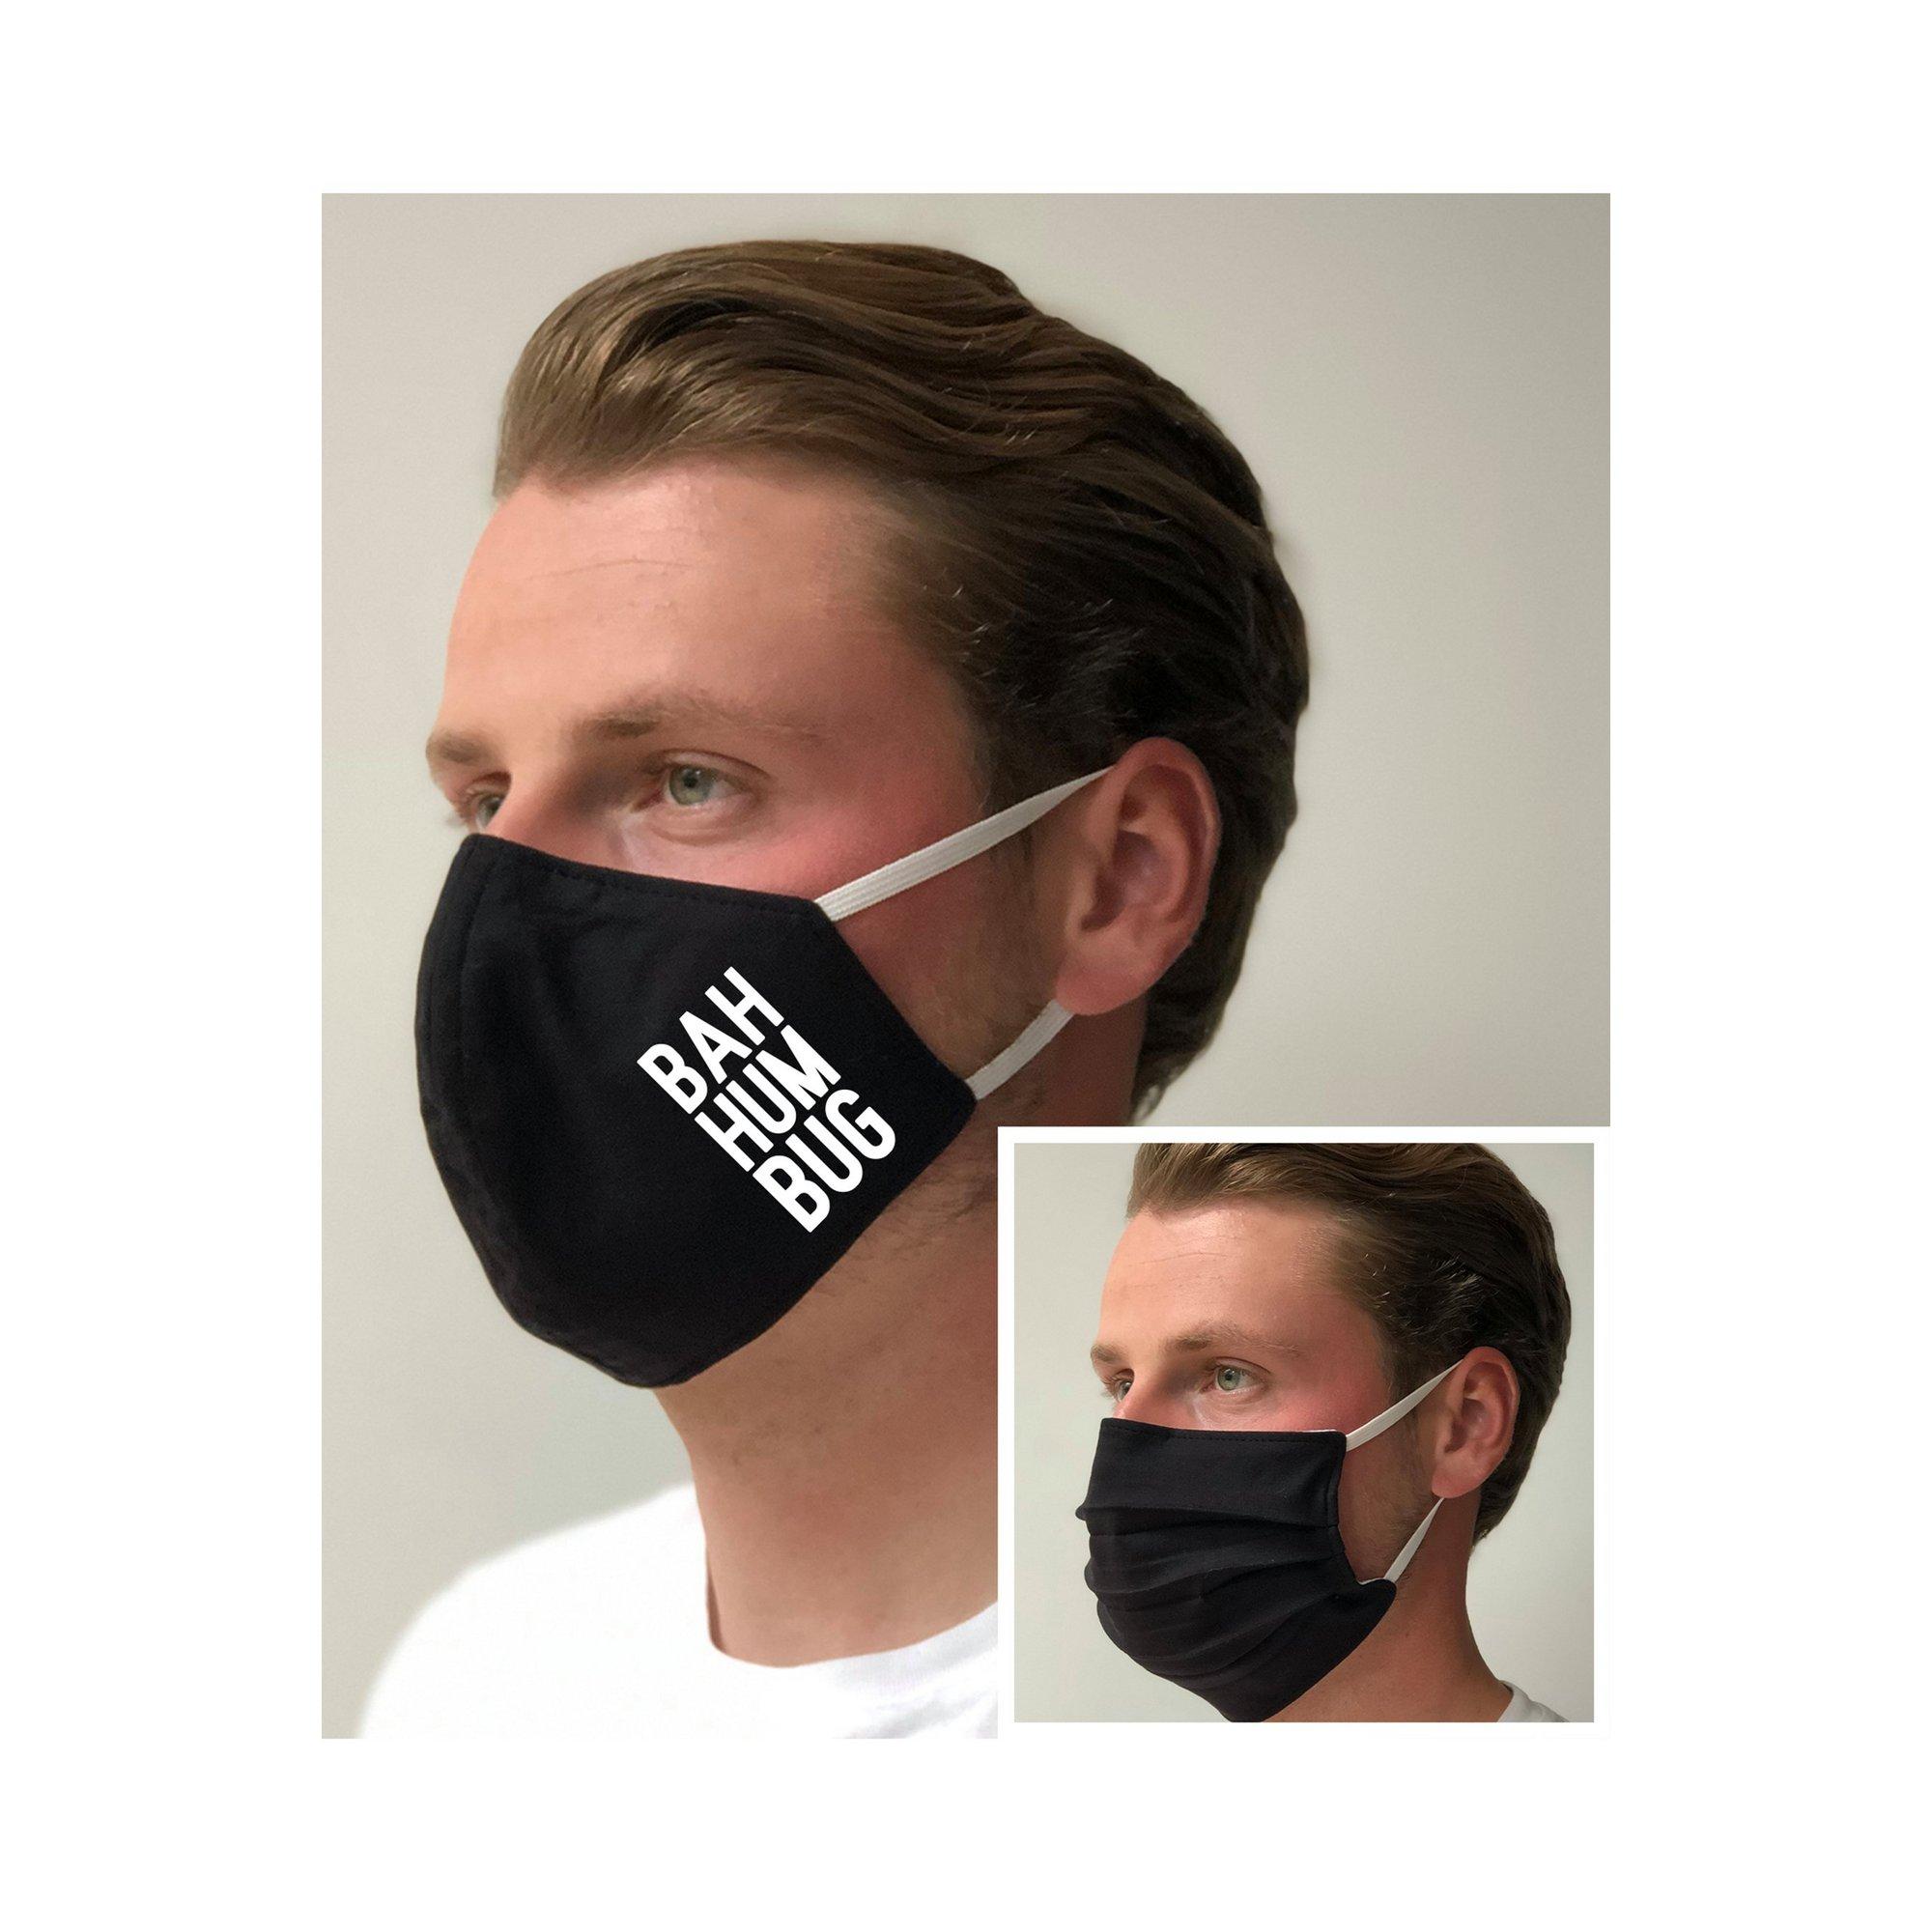 Image of Bah Humbug Black Face Mask